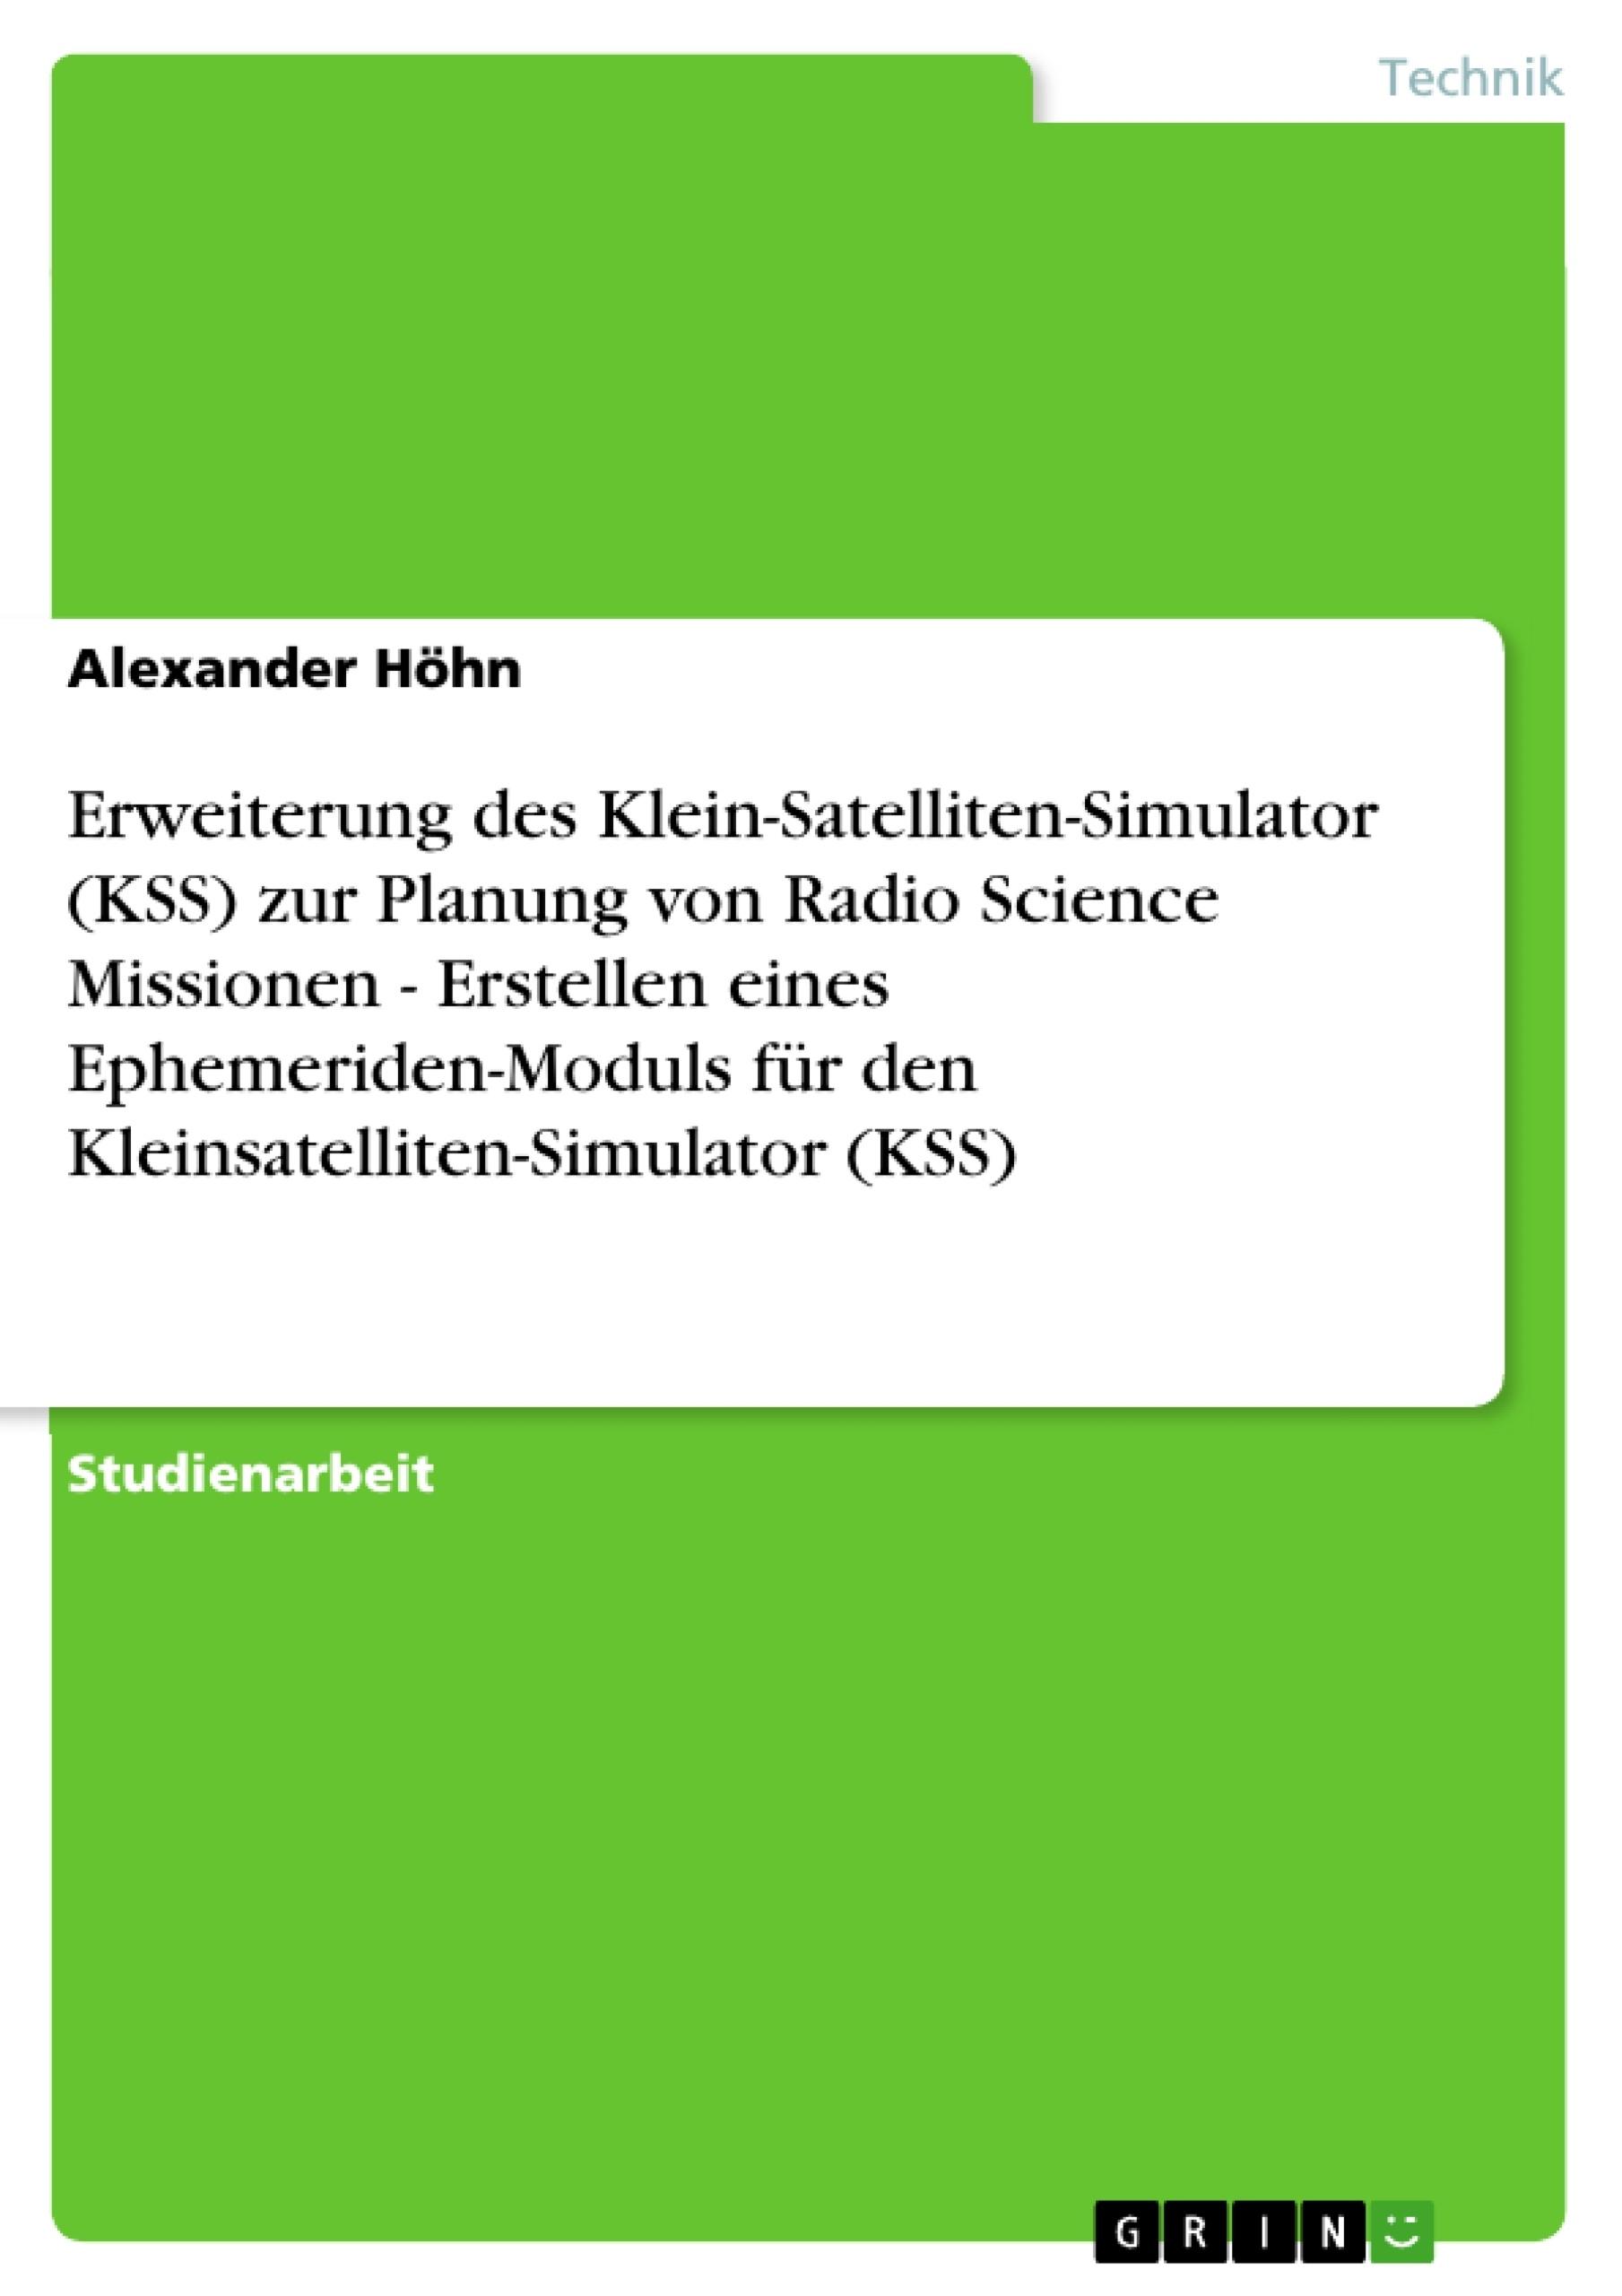 Titel: Erweiterung des Klein-Satelliten-Simulator (KSS) zur Planung von Radio Science Missionen - Erstellen eines Ephemeriden-Moduls für den Kleinsatelliten-Simulator (KSS)